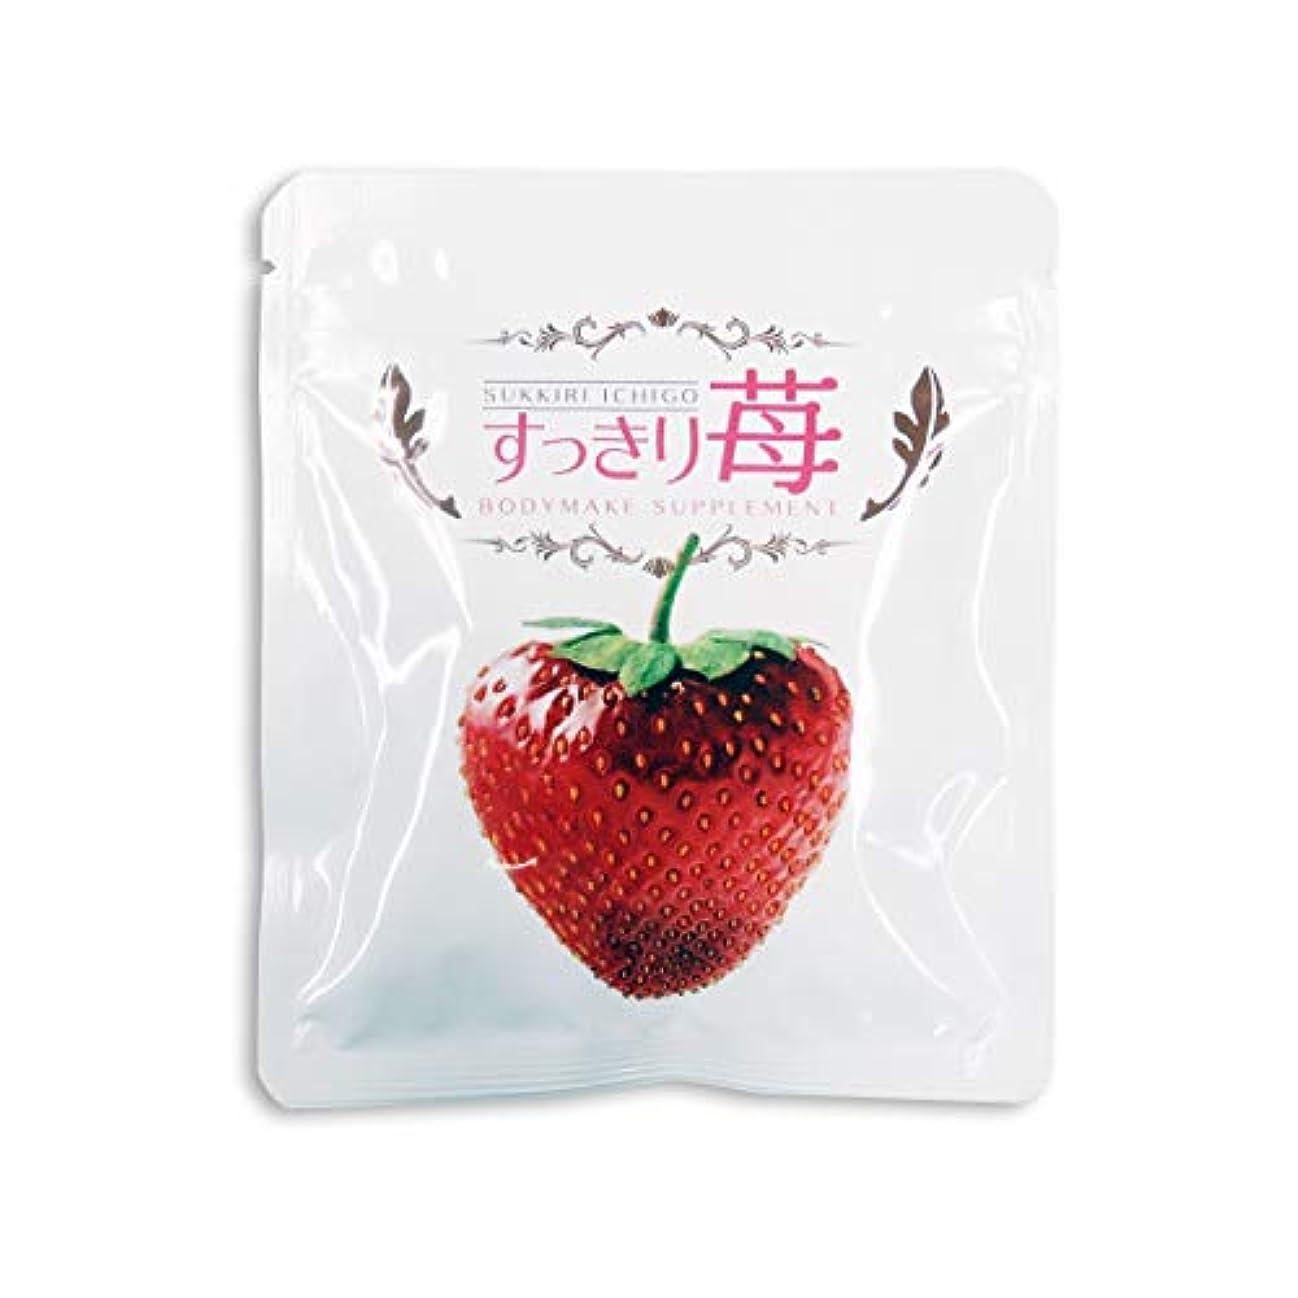 ブローホール旋回用心するすっきり苺 ダイエタリーサプリメント